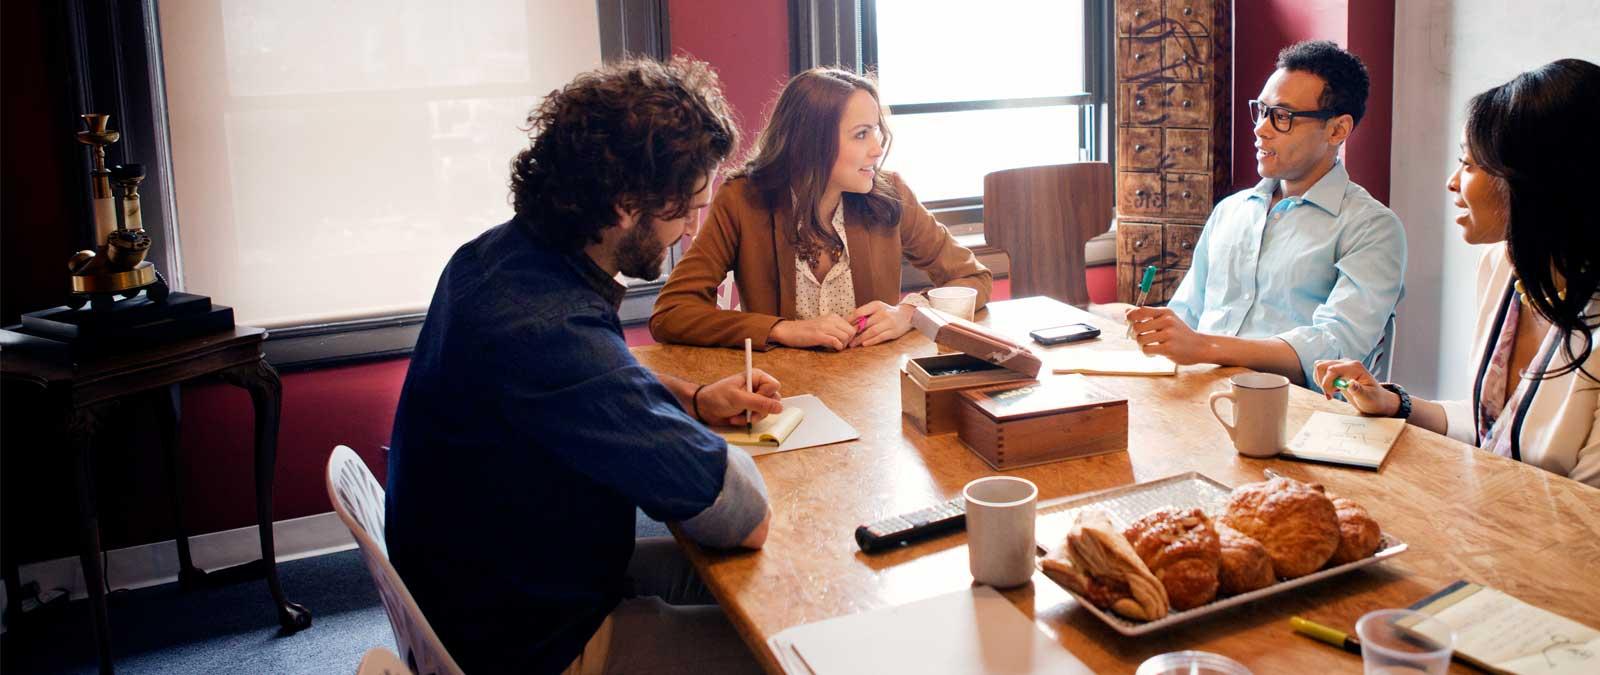 Négyen használják az Office 365 Nagyvállalati E3 csomagot egy irodában.